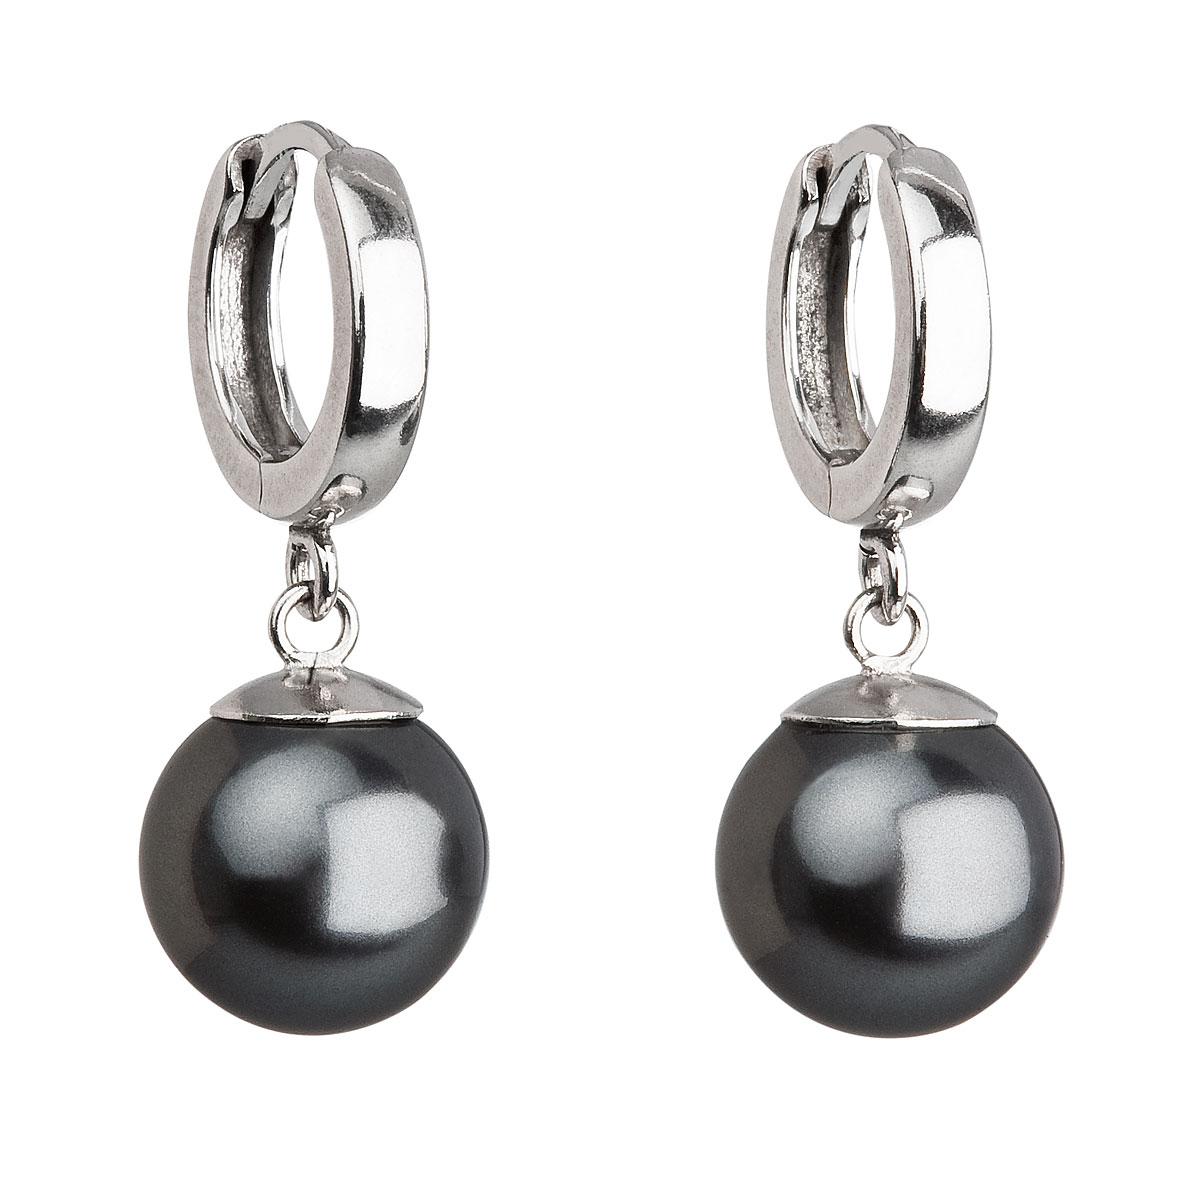 Strieborné náušnice visiace s perlou Swarovski šedé okrúhle 31151.3